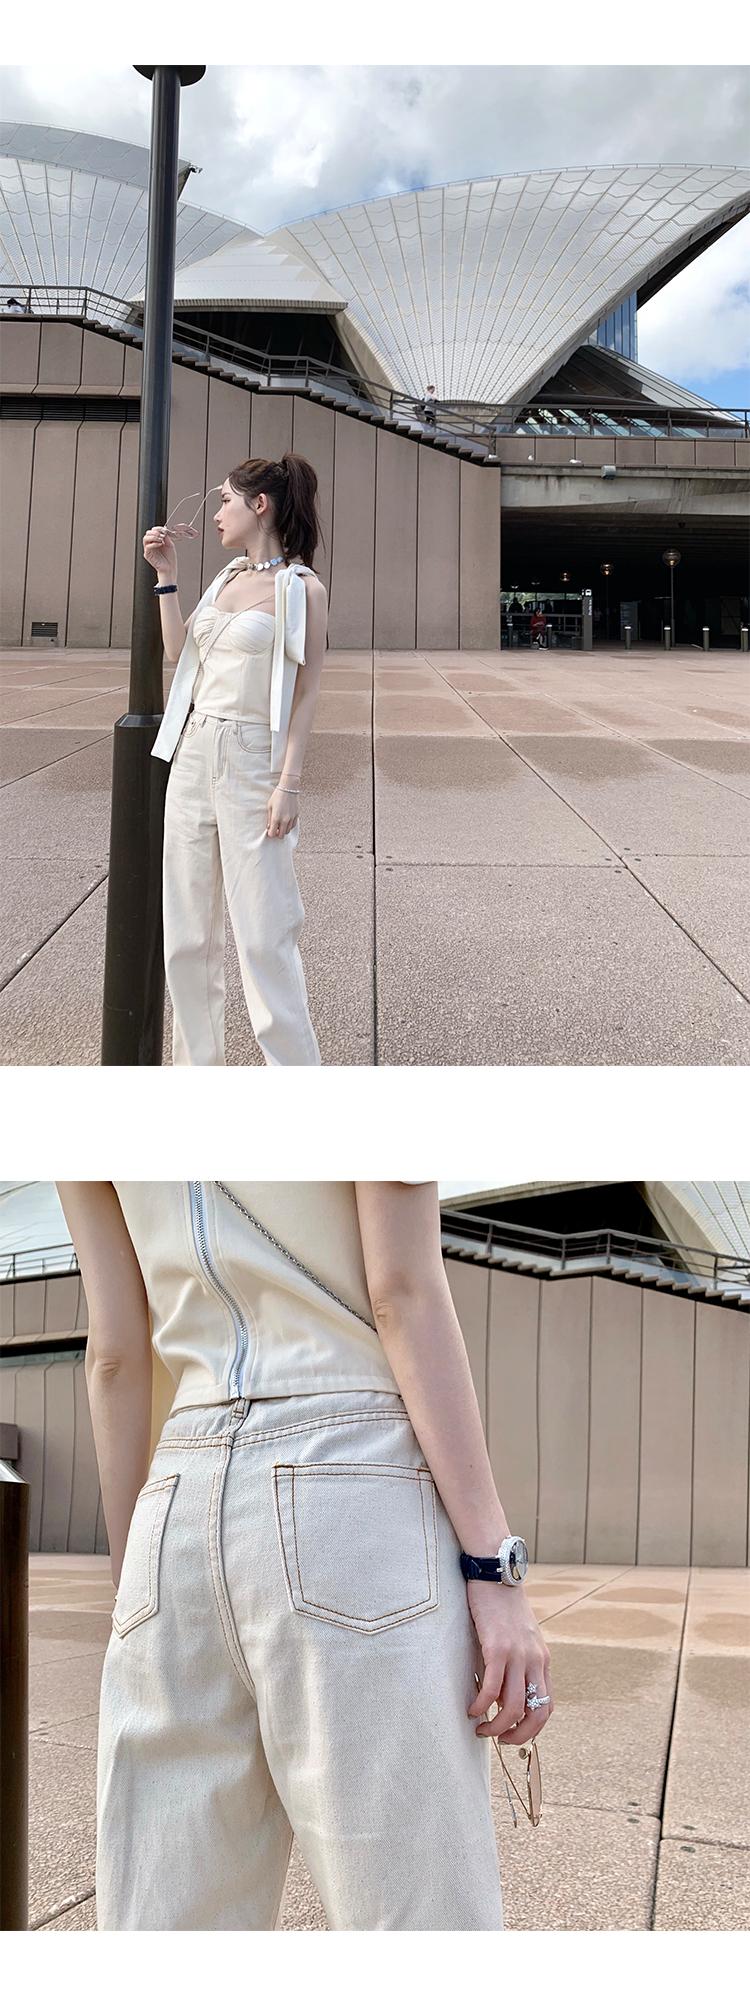 Pantalones Rectos De Cintura Alta Para Mujer Pantalones Ajustados Color Blanco Verano 2020 Buy Pantalones Para Mujeres De Cintura Alta Pantalones Blancos Product On Alibaba Com